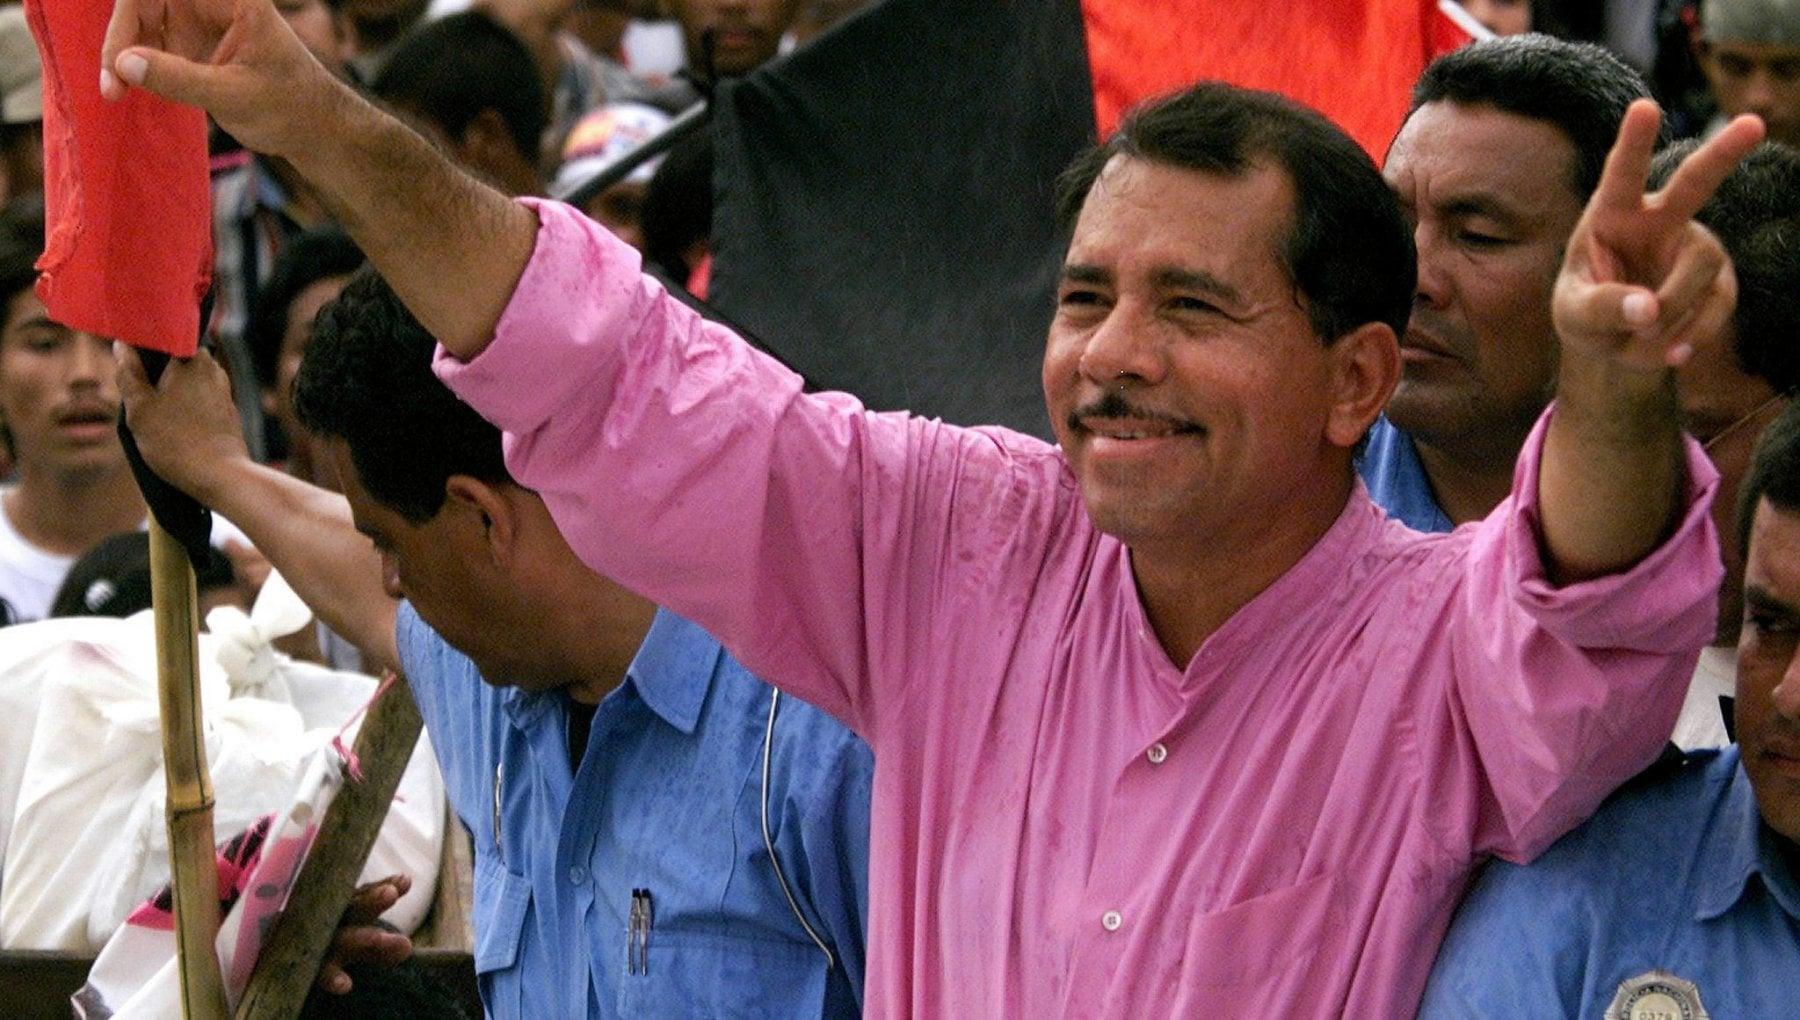 142122617 ba71d5b1 1505 4473 a619 e00c498b9bcb - Nicaragua, il presidente ex guerrigliero Ortega pensa alla rielezione e fa arrestare gli avversari